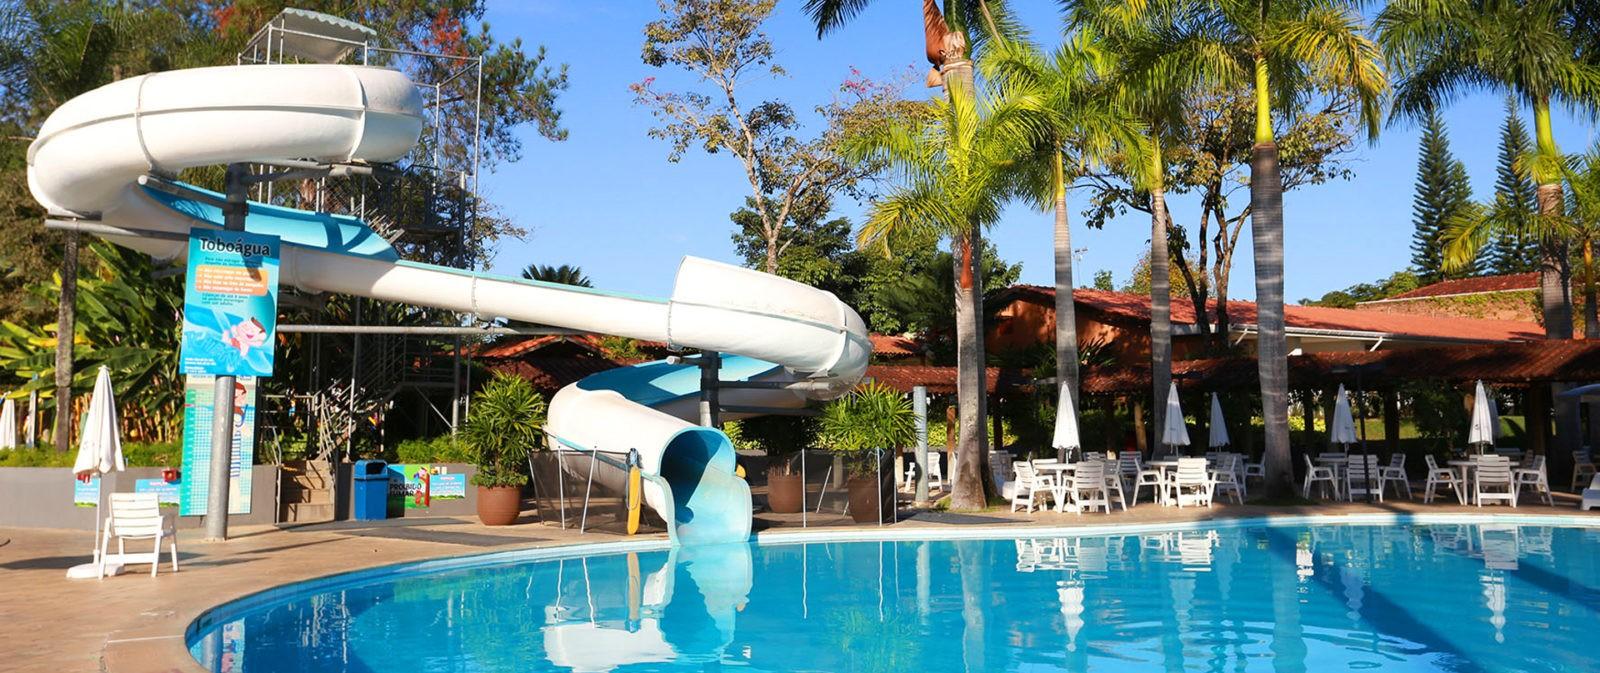 piscina hotel fazenda mazzaropi 06 - Páscoa 2019